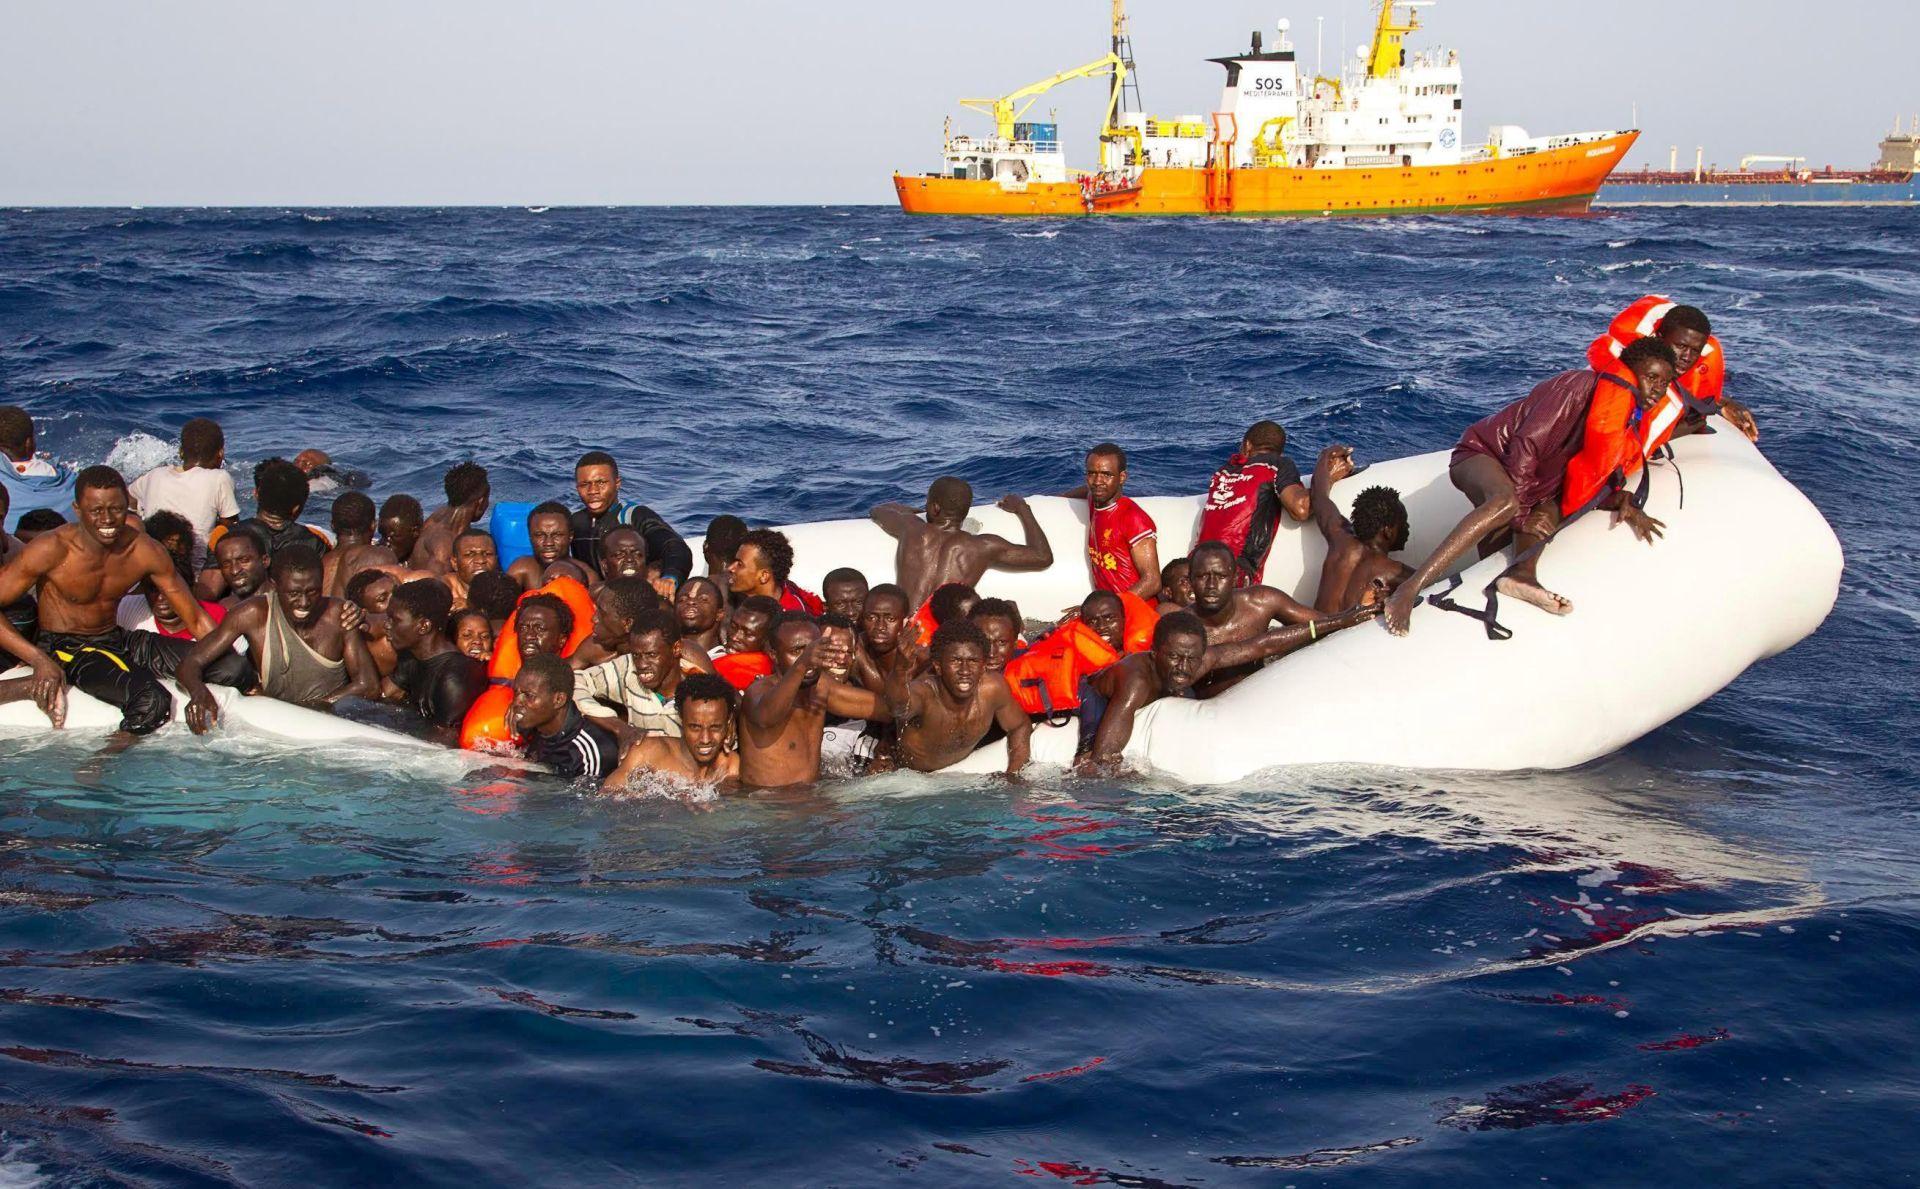 INTEROPL I EUROPOL: Krijumčari na izbjeglicama zaradili više od 5 milijardi dolara